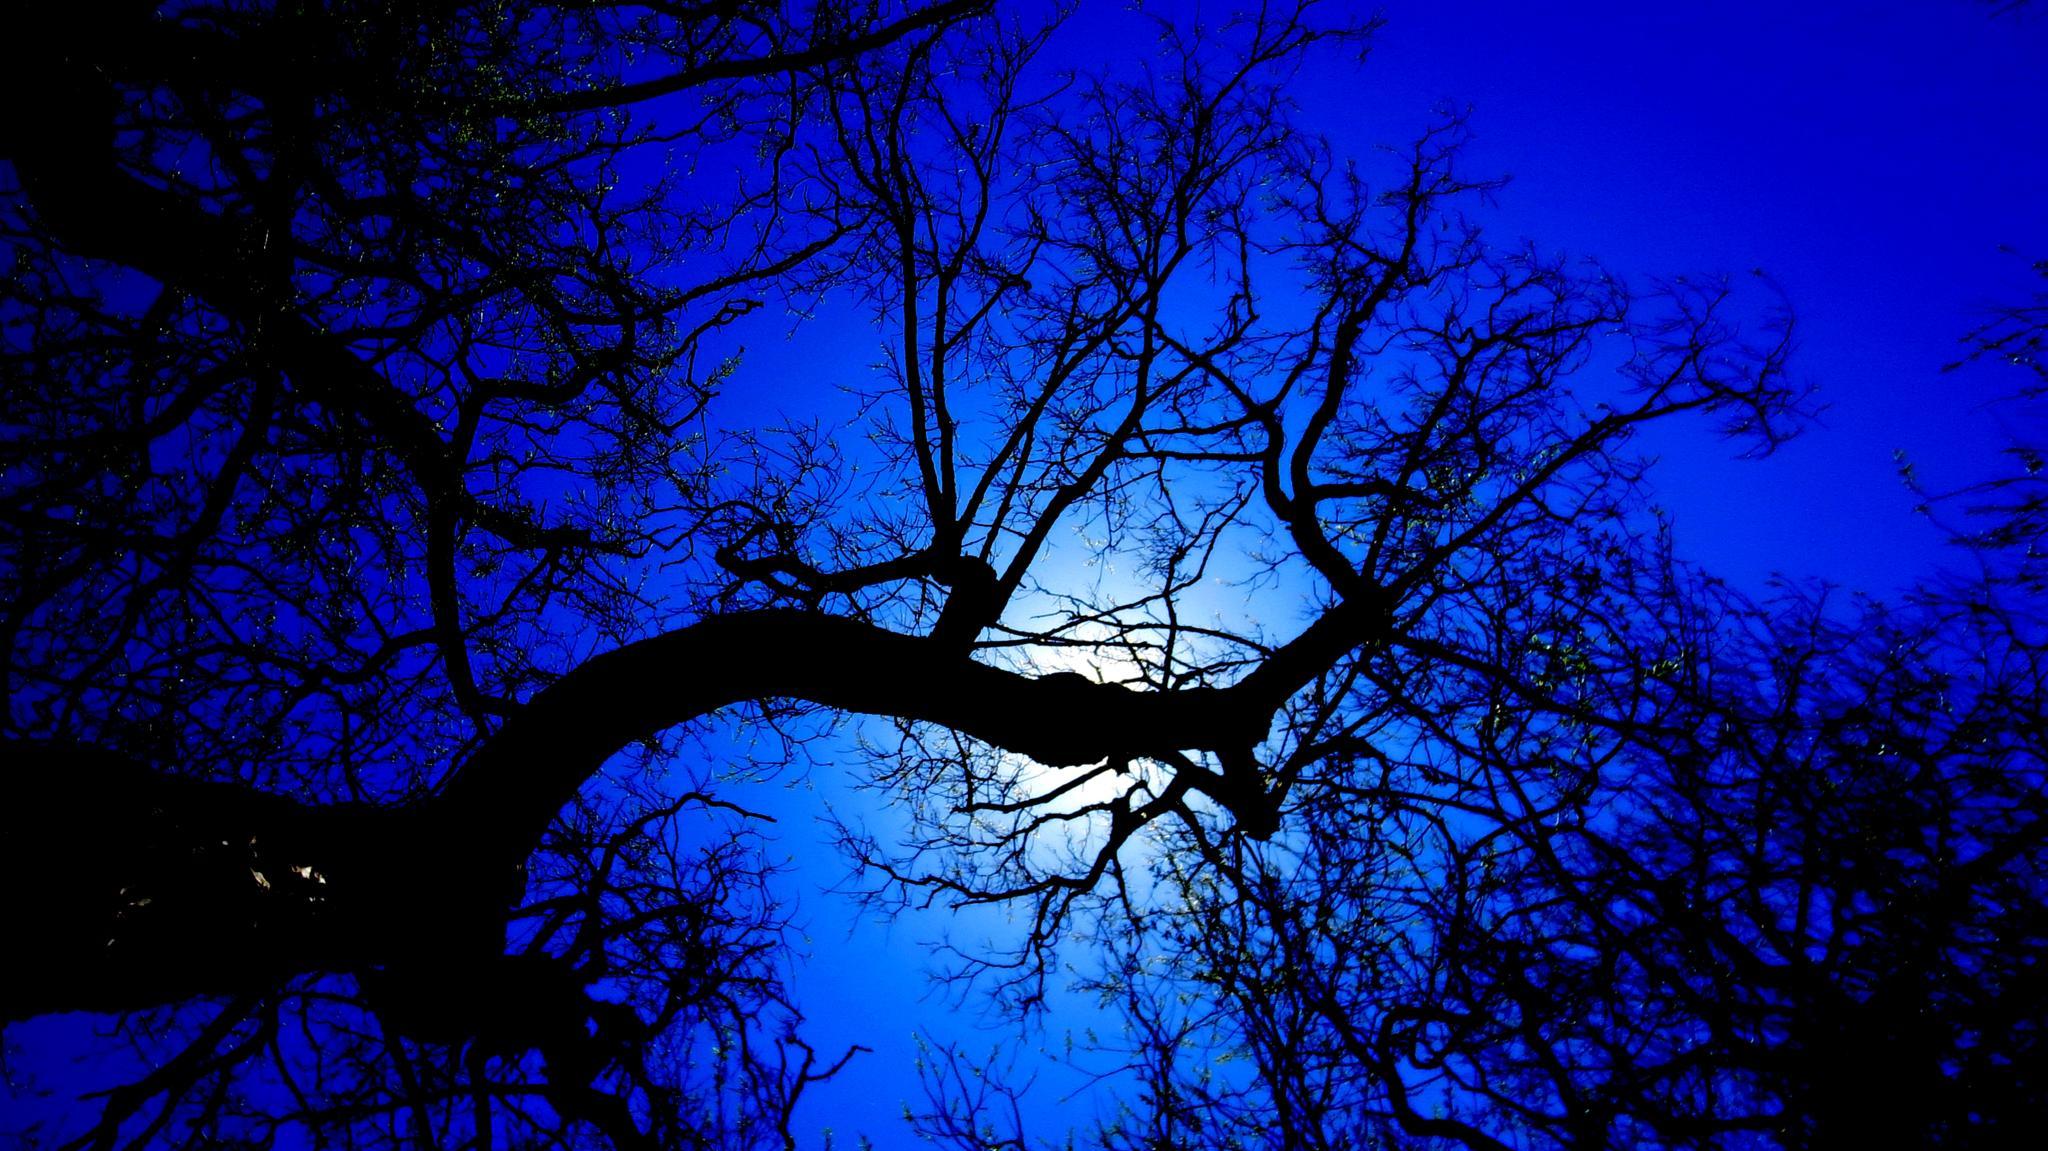 TWISTING UPWARDS INTO THE BLUE by Heather Marie Glynn